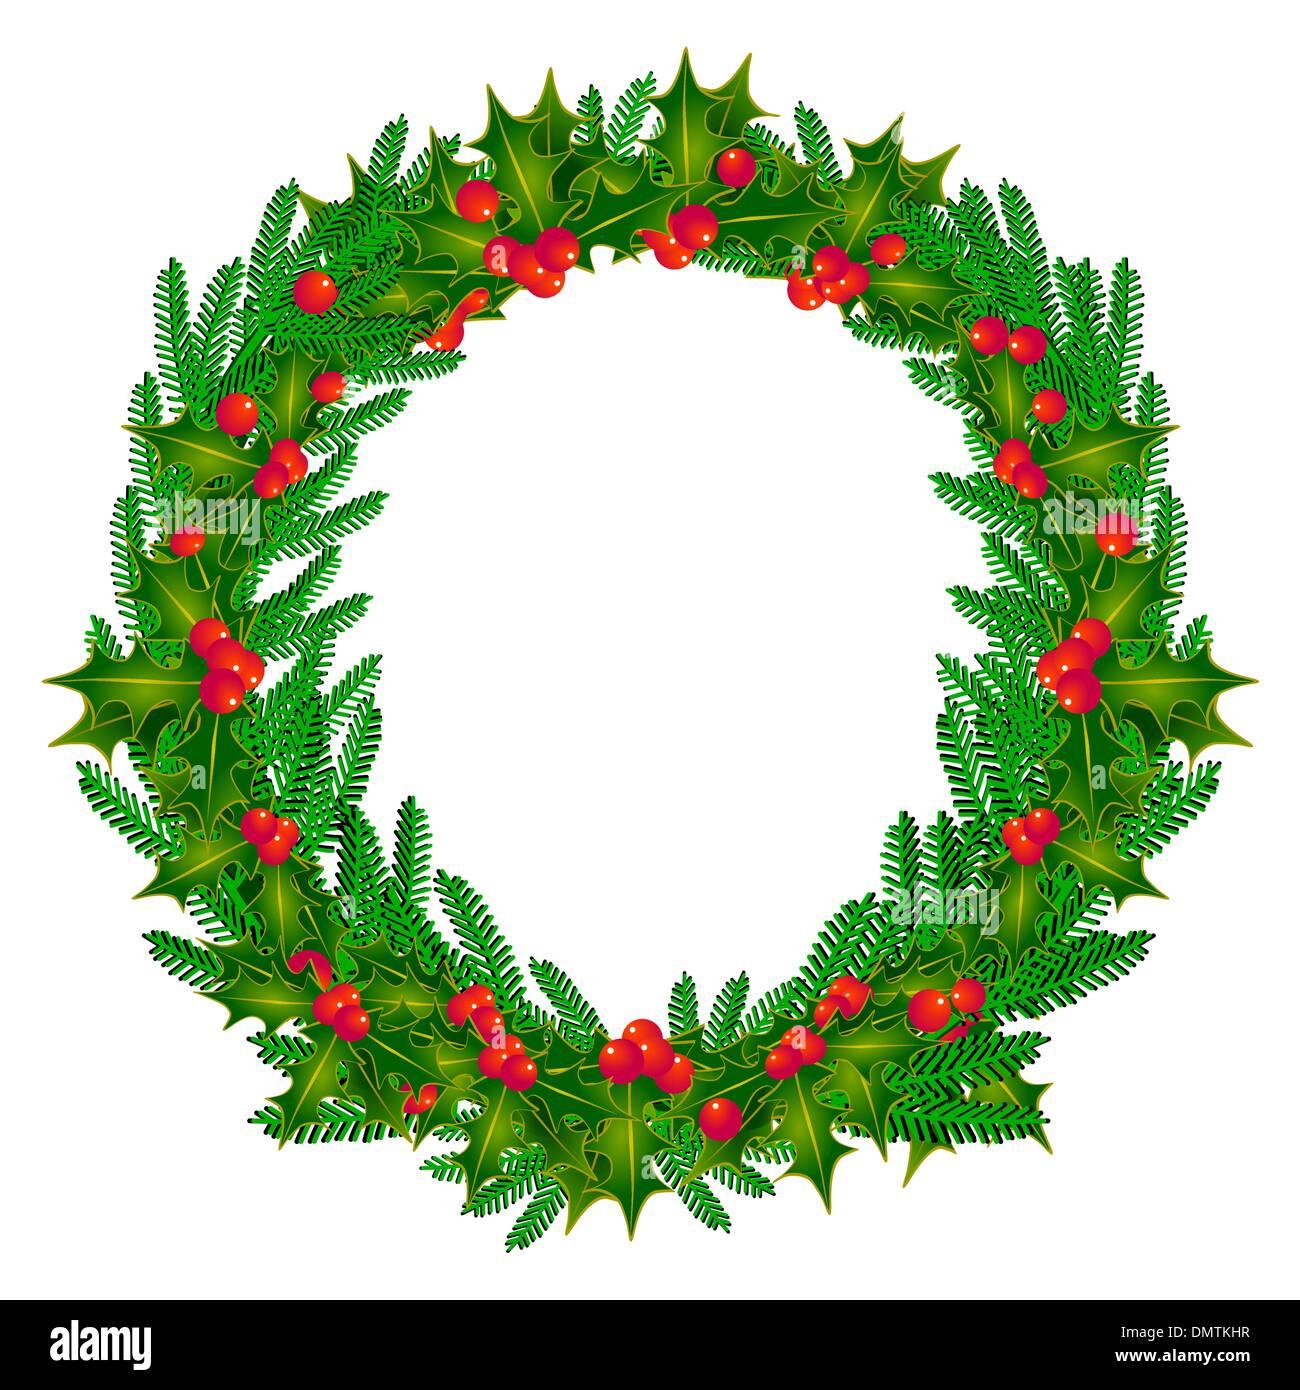 advent wreath - Stock Image